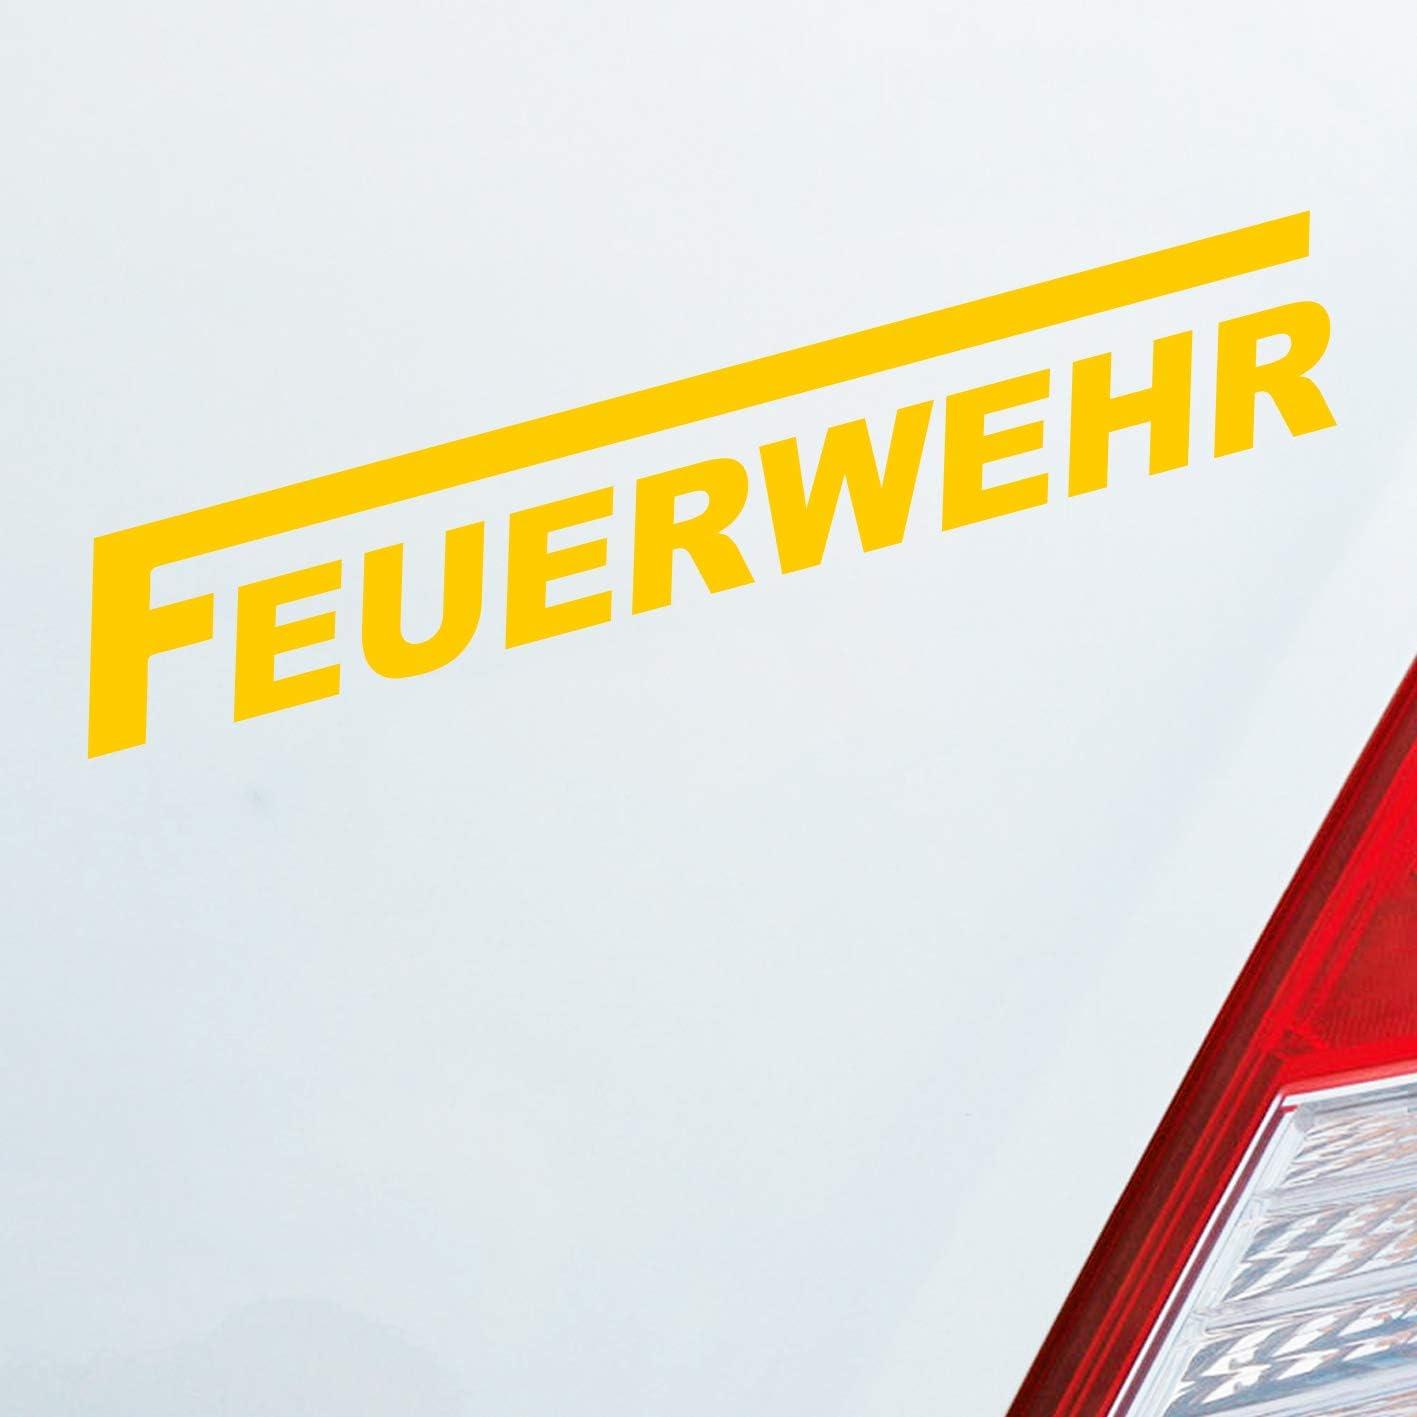 Auto Aufkleber In Deiner Wunschfarbe Feuerwehr Langes F Leben Retten Löschen Bergen 19x3 Cm Autoaufkleber Sticker Auto